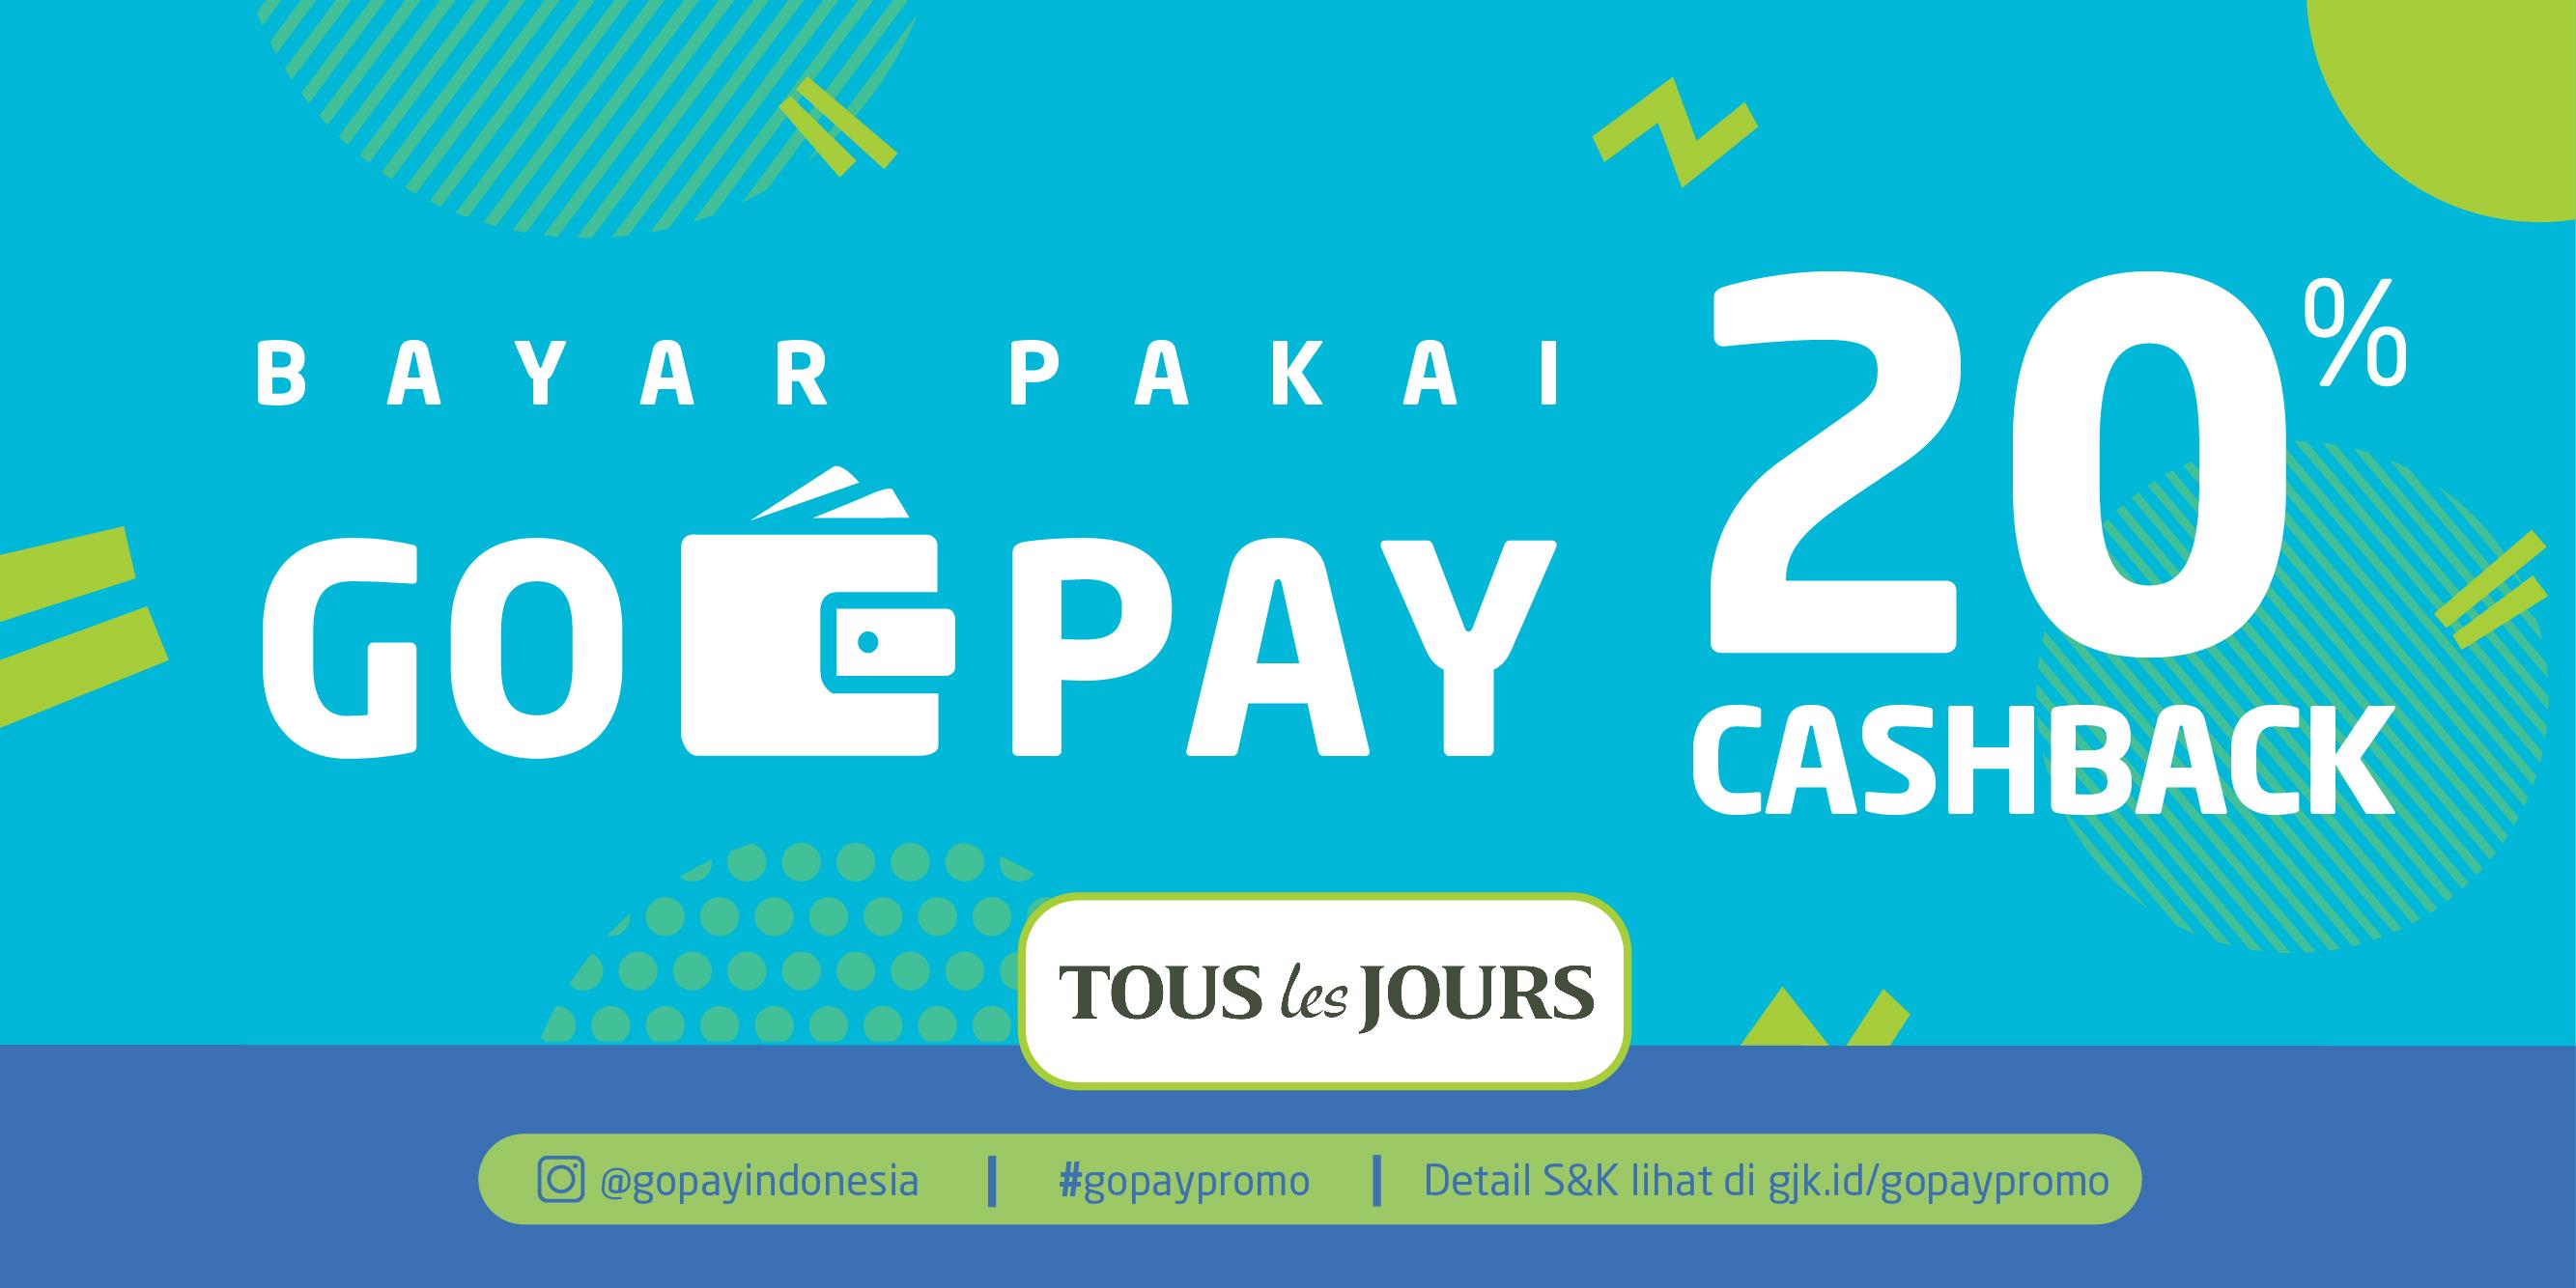 Promo Tous Les Jours Maret 2019: Cashback 20%! | GO-PAY